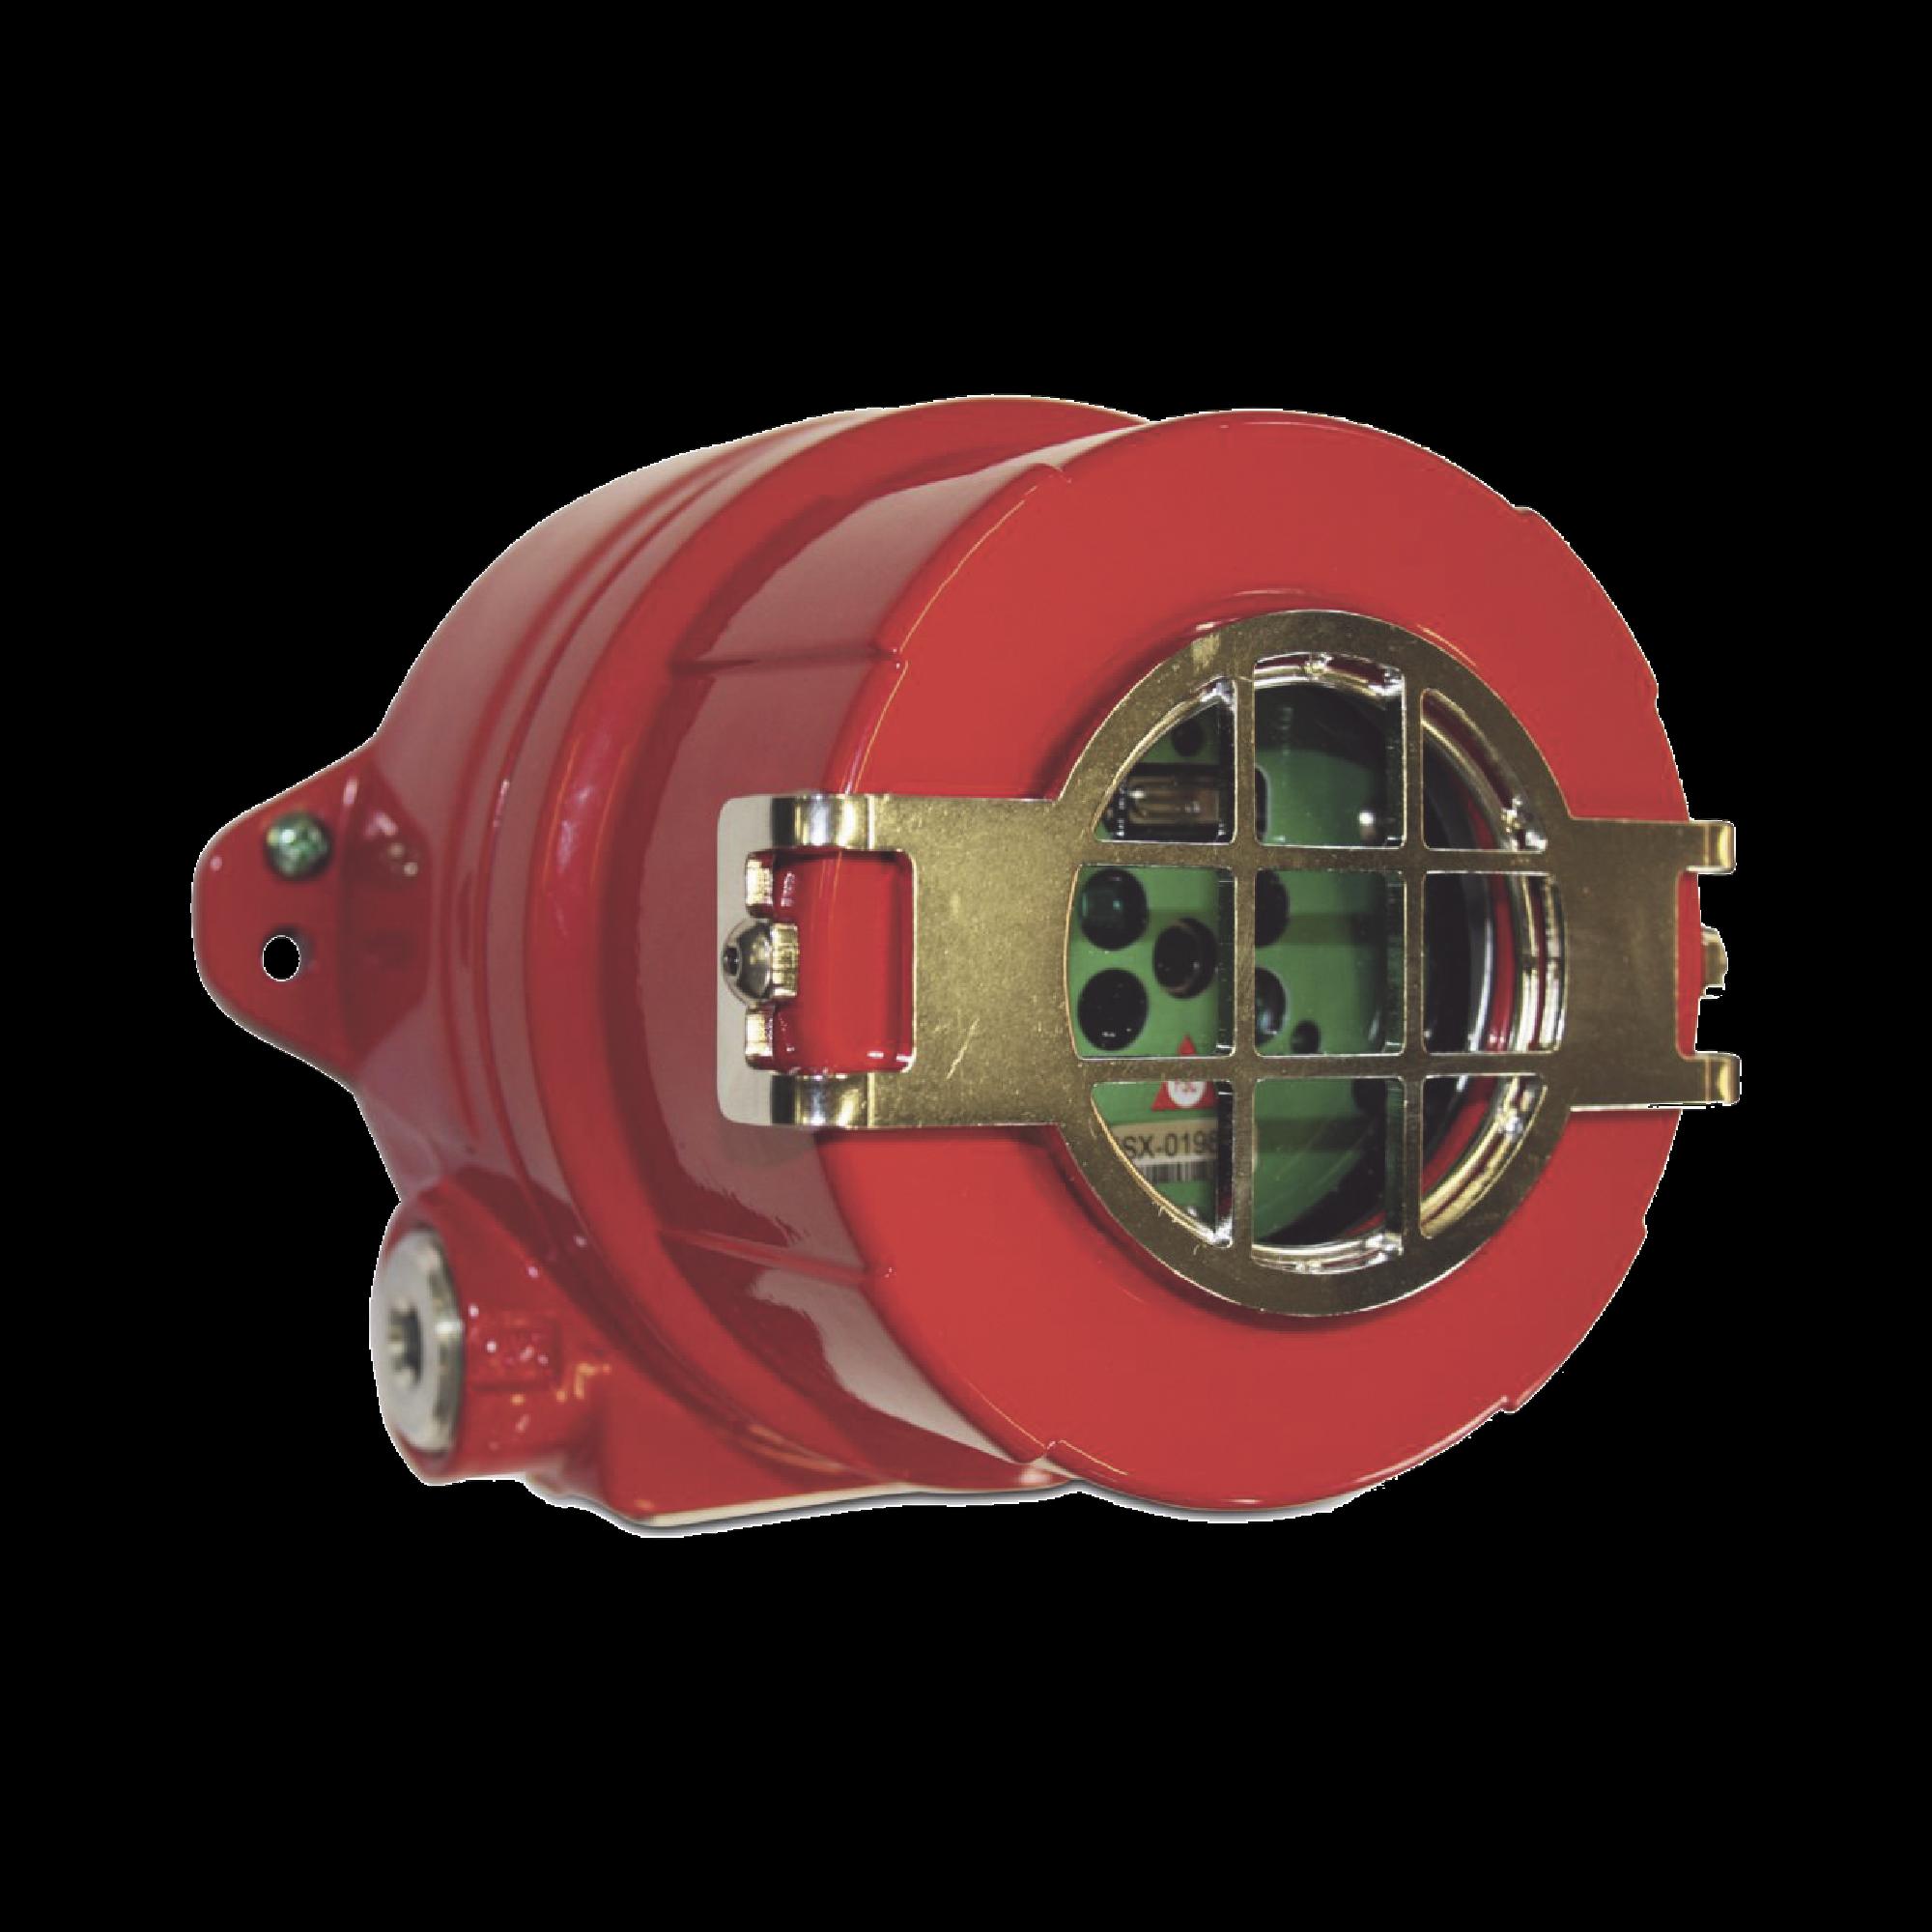 Detector de Flama / Electrooptico / Tecnologia Avanzada / Espectro Multiple / Ultravioleta (UV) / Doble Infrarrojo (IR) / Visible (VIS) / Fabricado en Aluminio Libre de Cobre